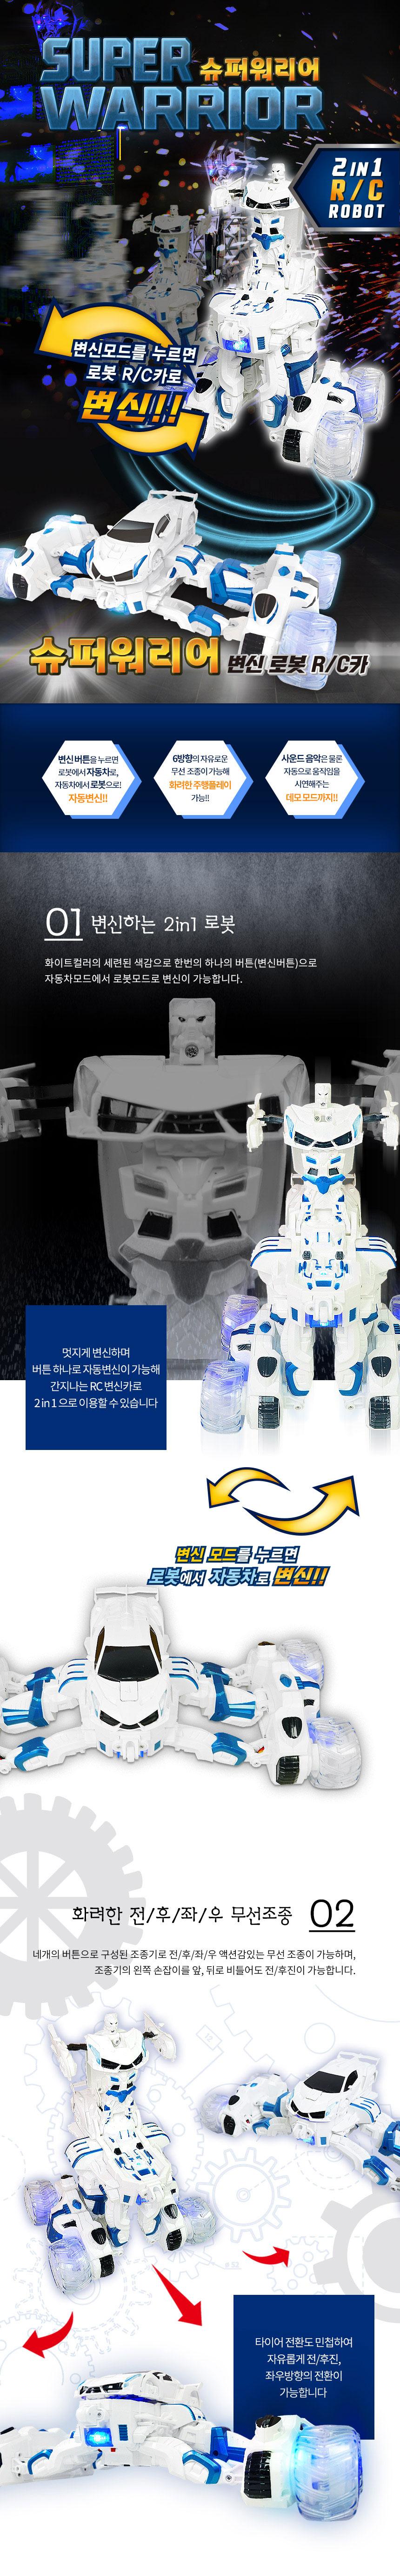 슈퍼워리어 RC카 로봇으로 자동변신가능한 알씨카 - 비앤씨, 65,000원, R/C 카, 전동 R/C카